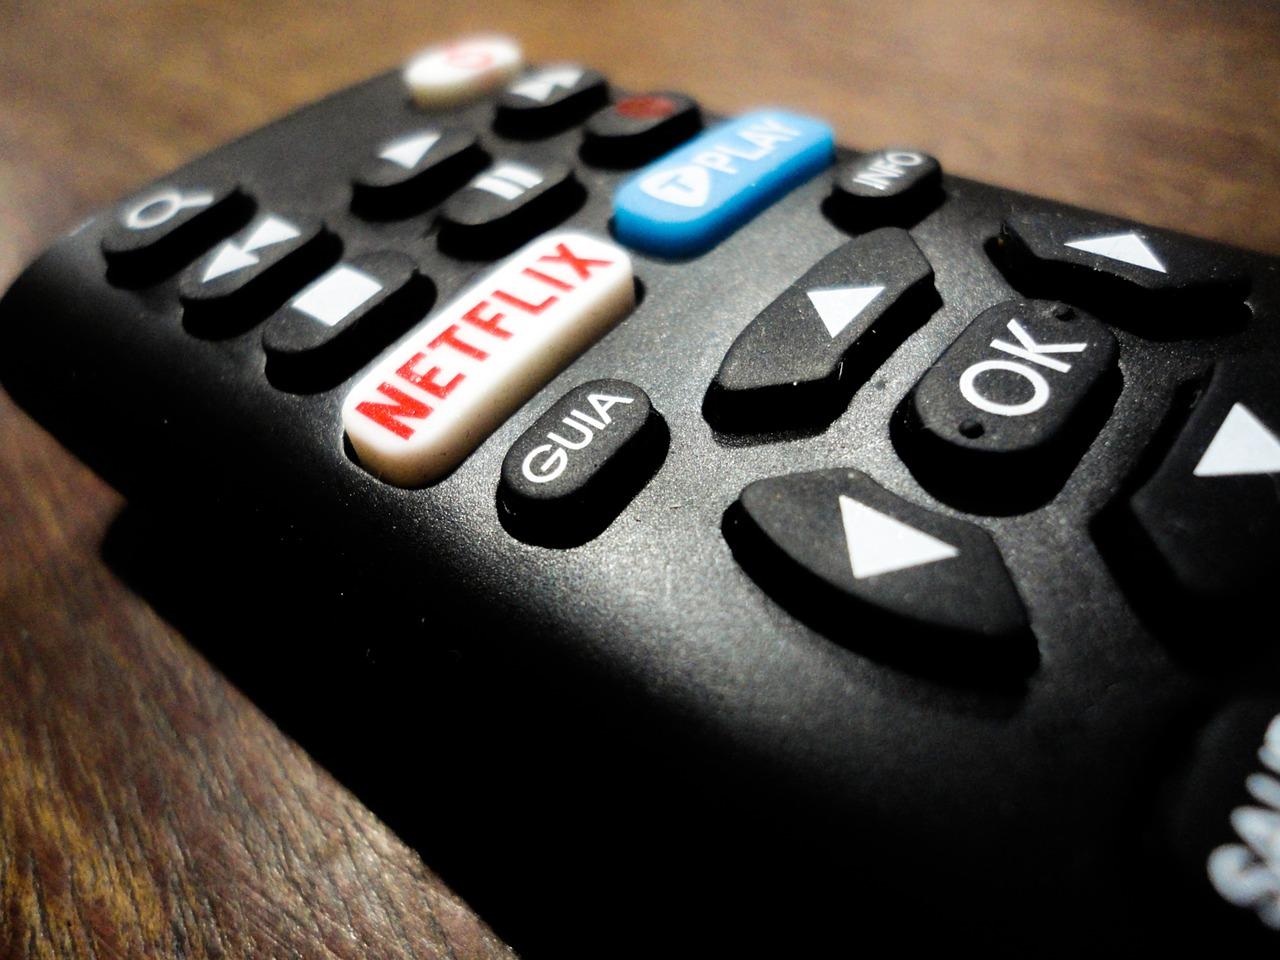 Netflix dévisse sérieusement en Bourse